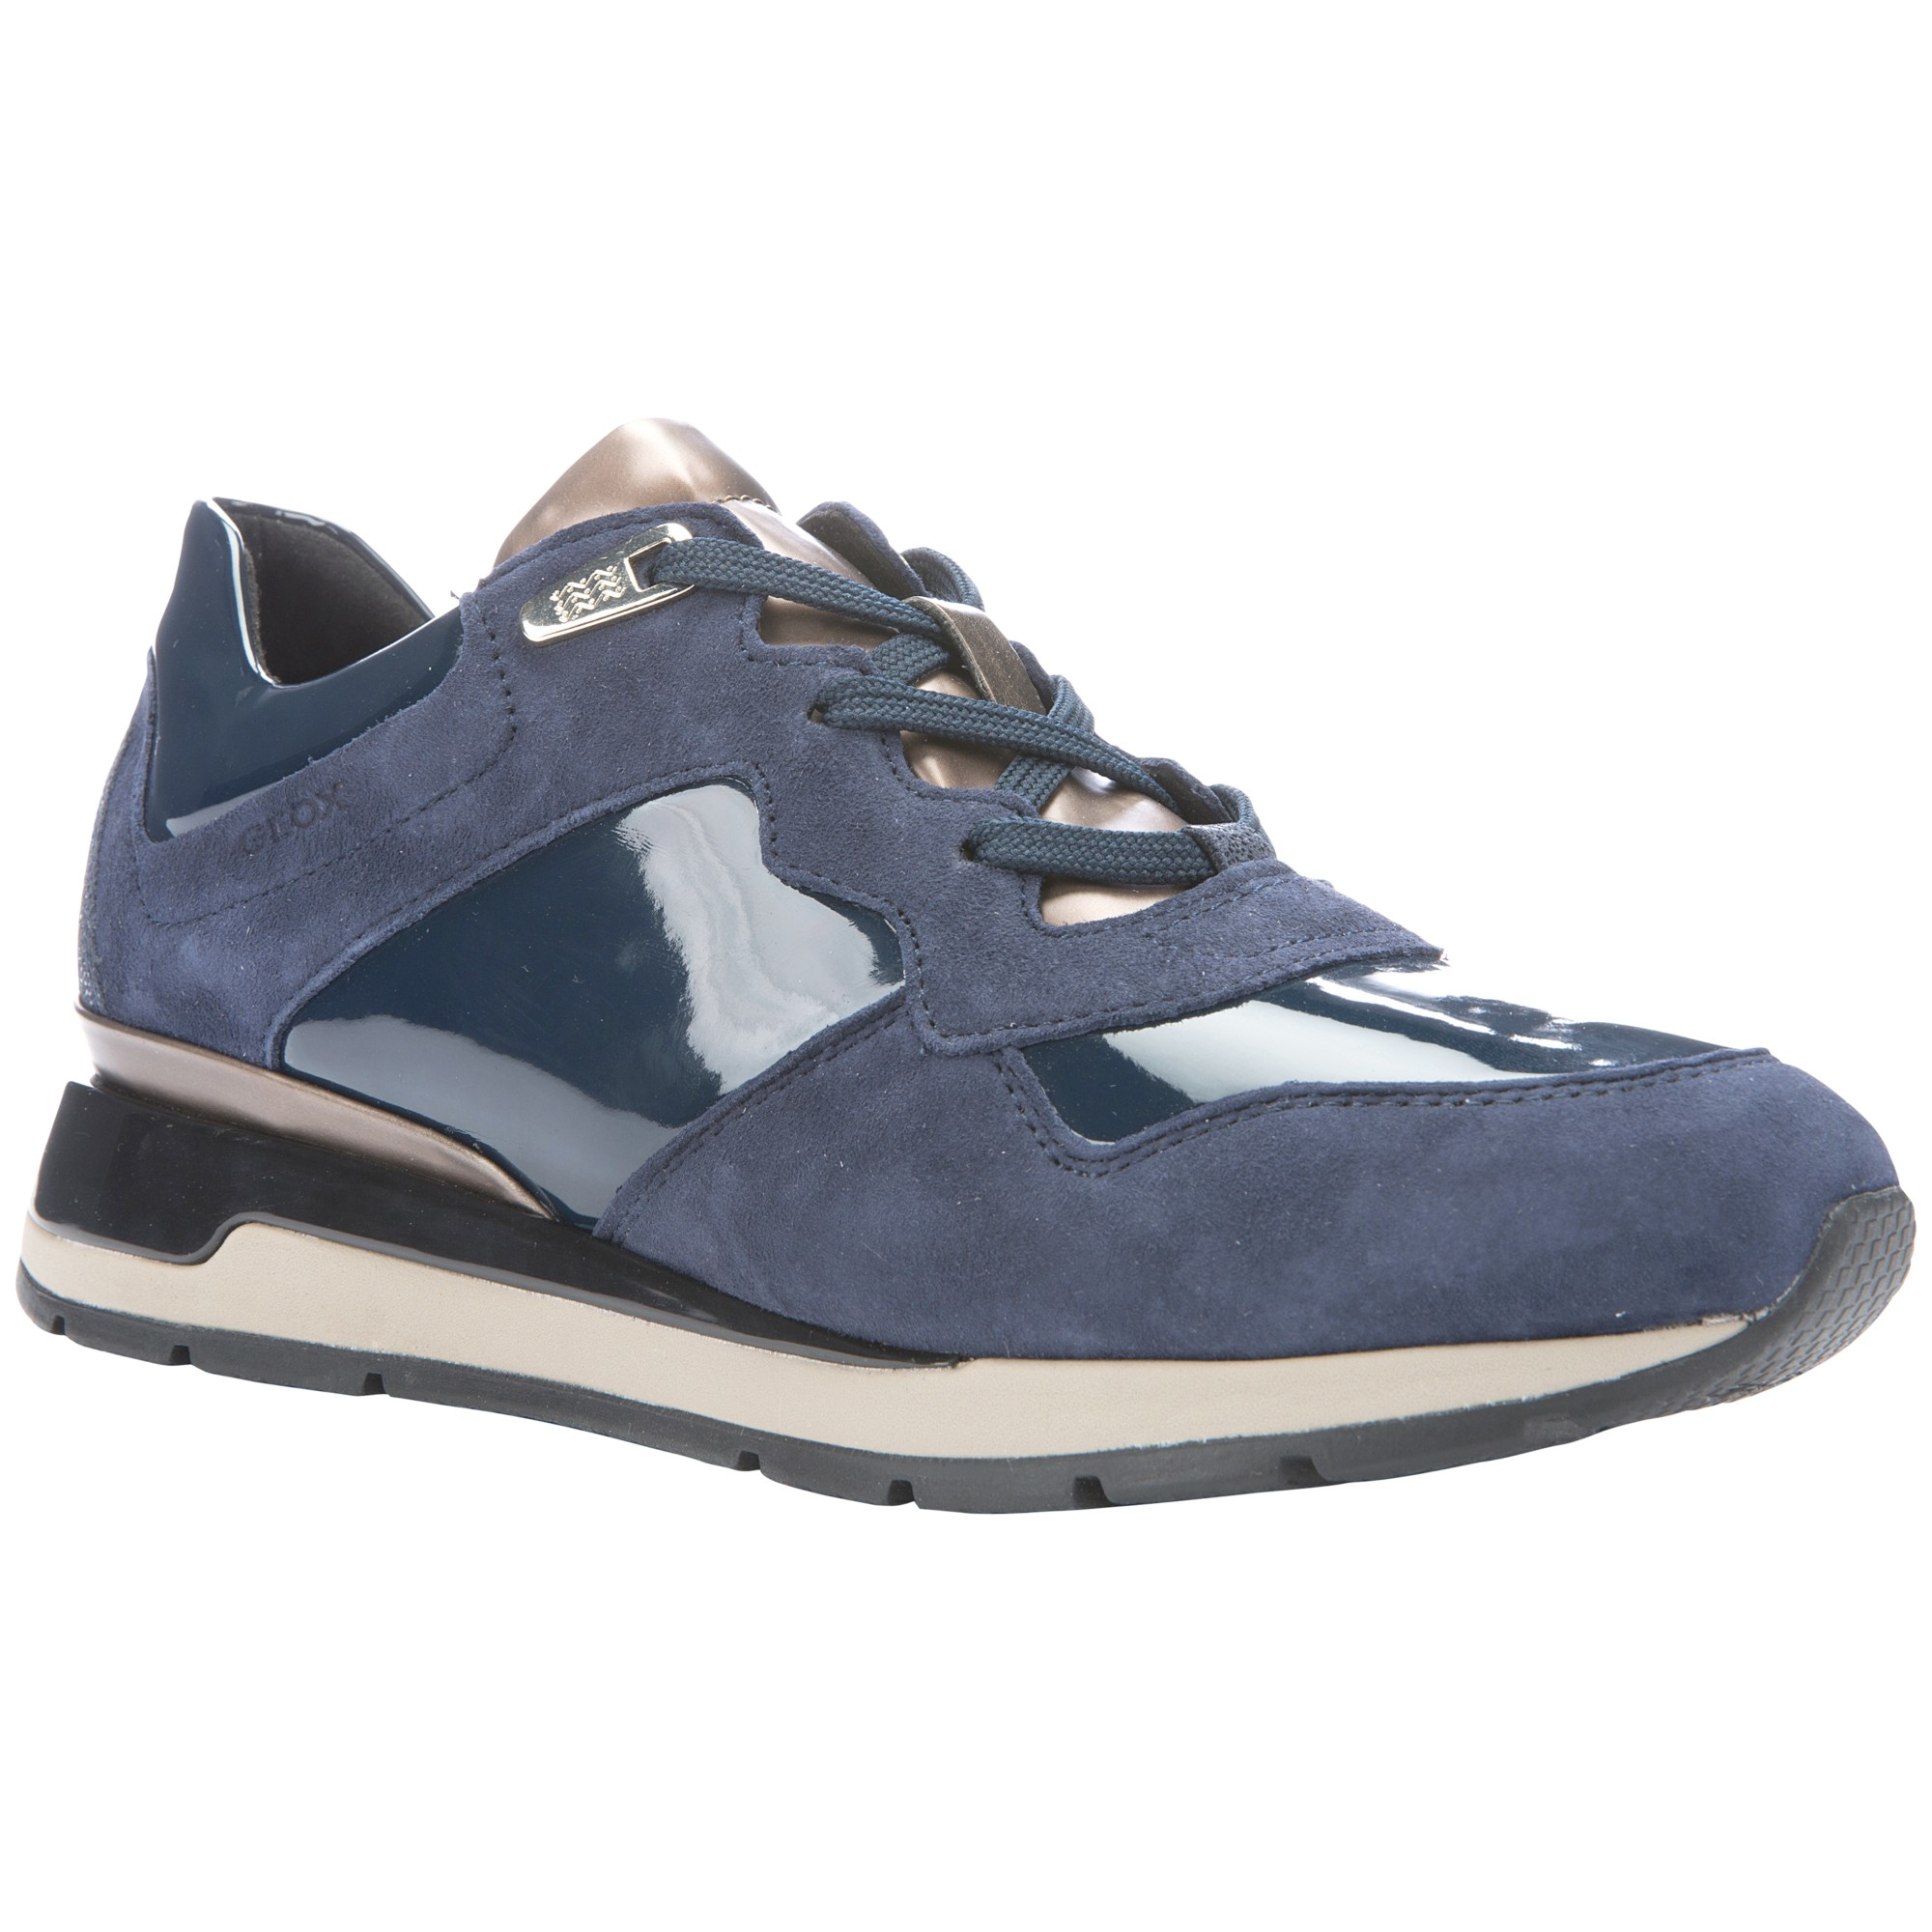 Geox Baskets Shahira - Bleu 6sn6e0HD7X